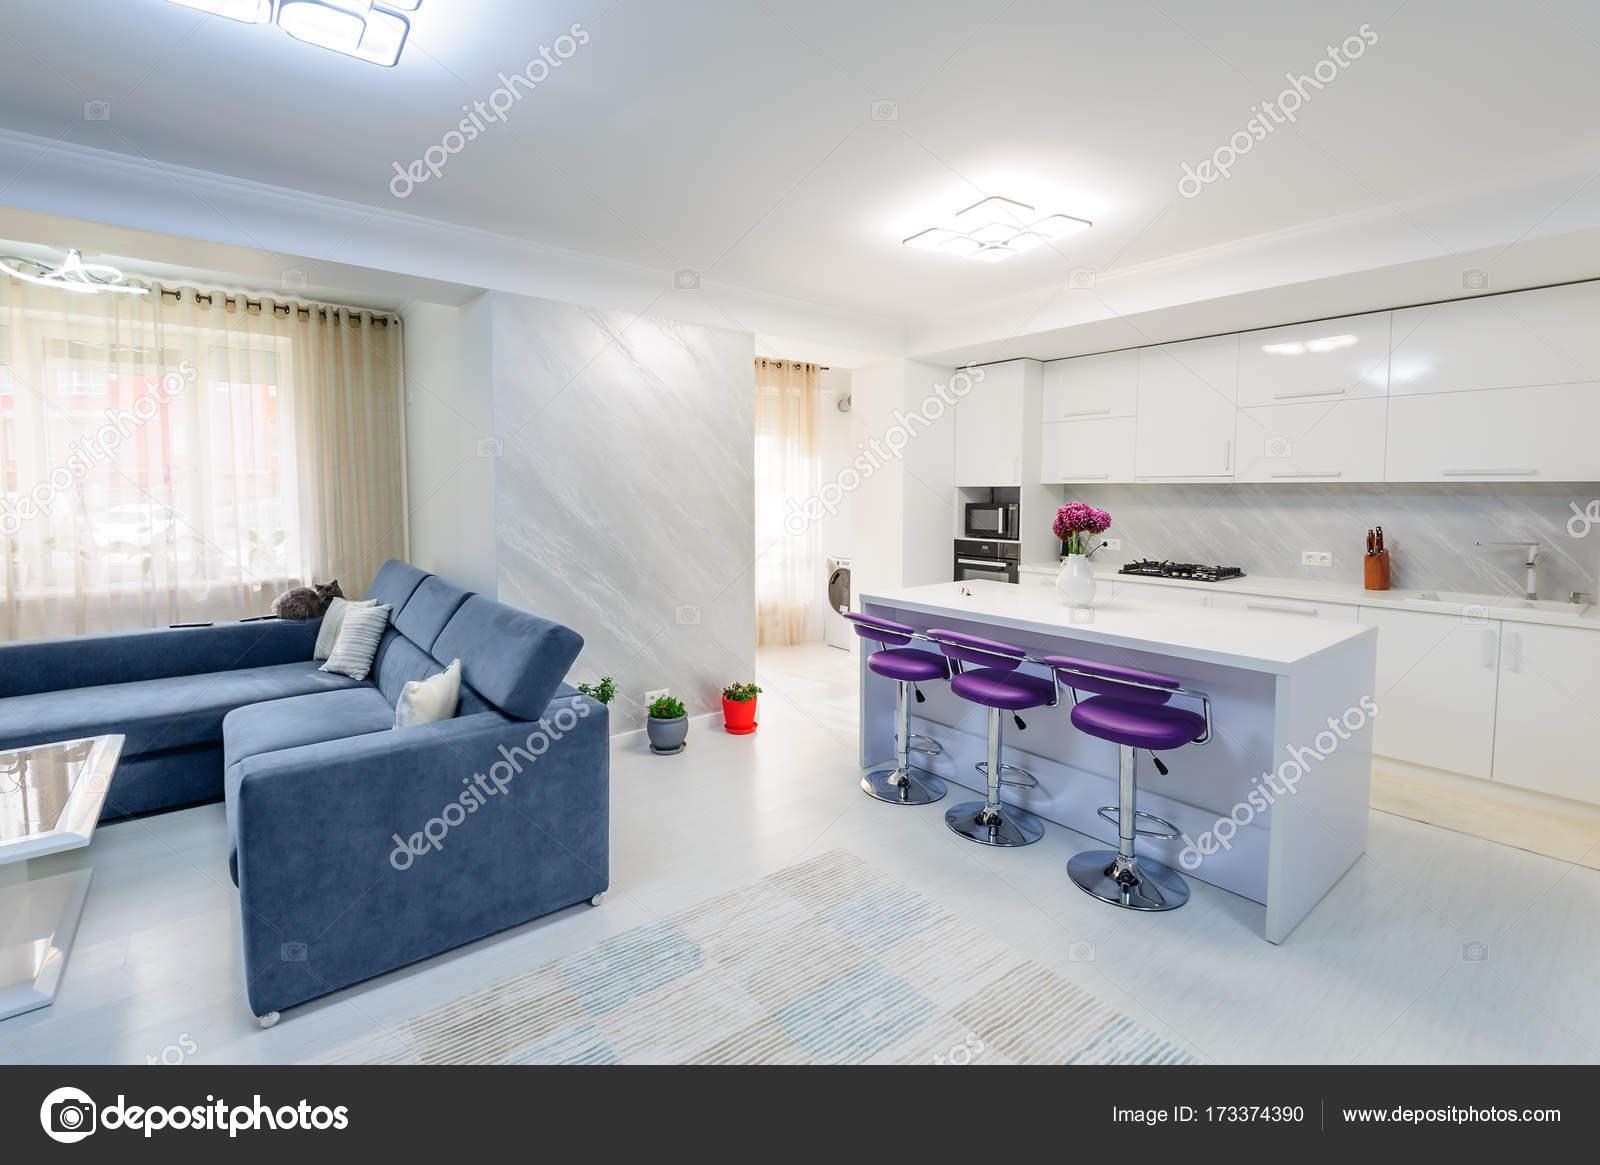 Innere Des Modernen Studio Apartment Mit Weißen Küche Und Sofa, Barhocker,  Minimalistische Cleanes Design Lila U2014 Foto Von Starush